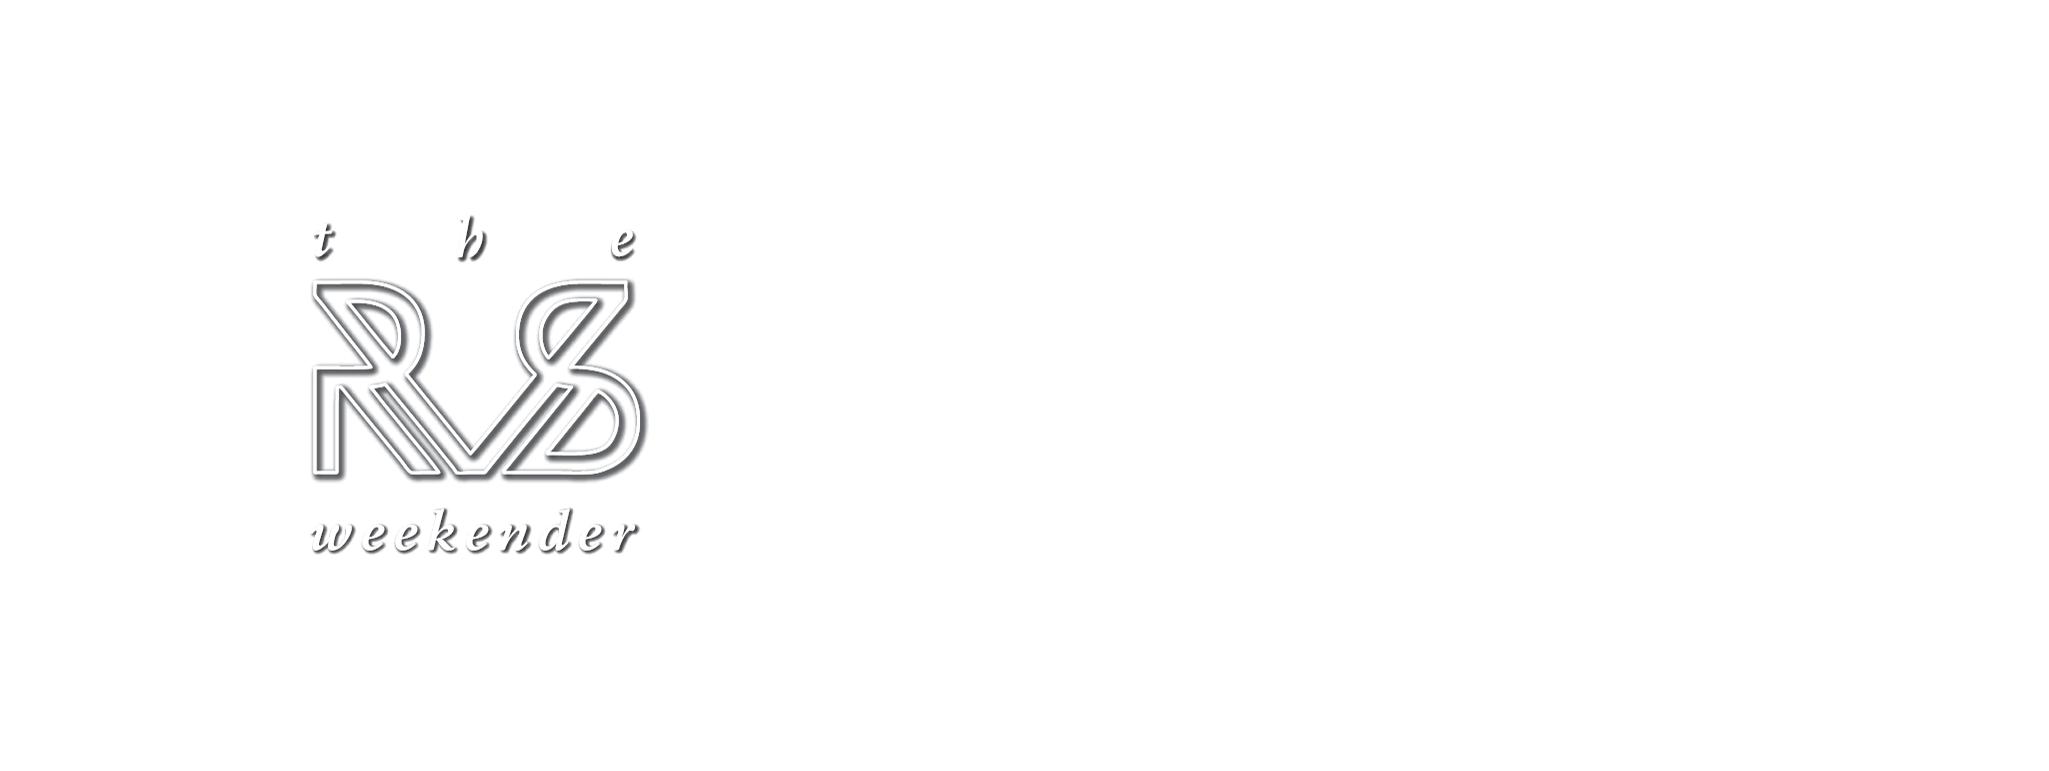 Tranparent-header